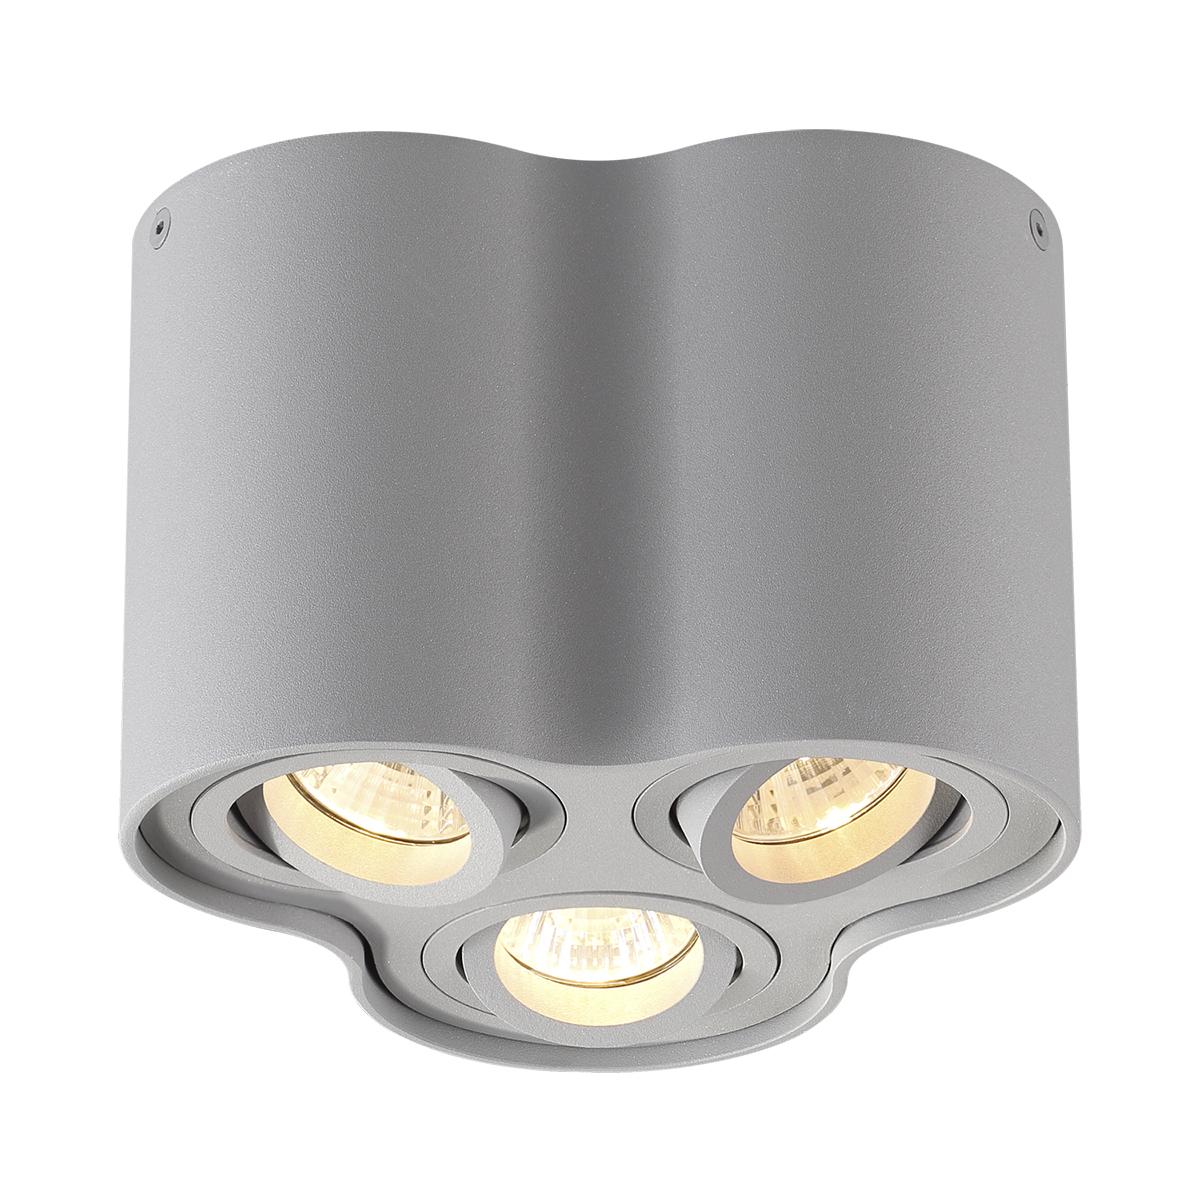 Потолочный светильник Odeon Light 3831/3C, серый, металл - фото 1